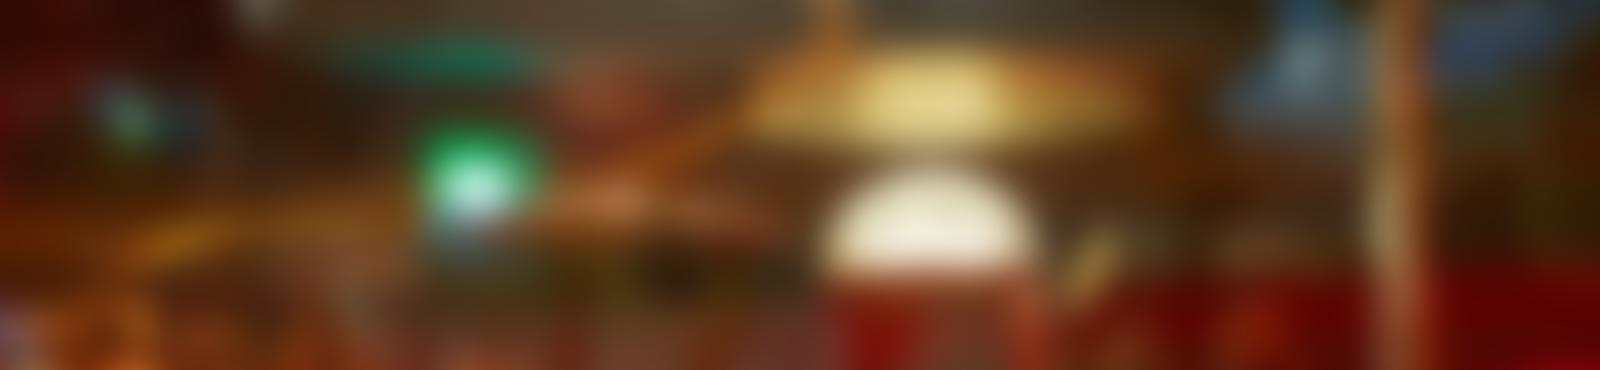 Blurred abd37315 b0fc 47f4 9f72 bc9786b9eabf